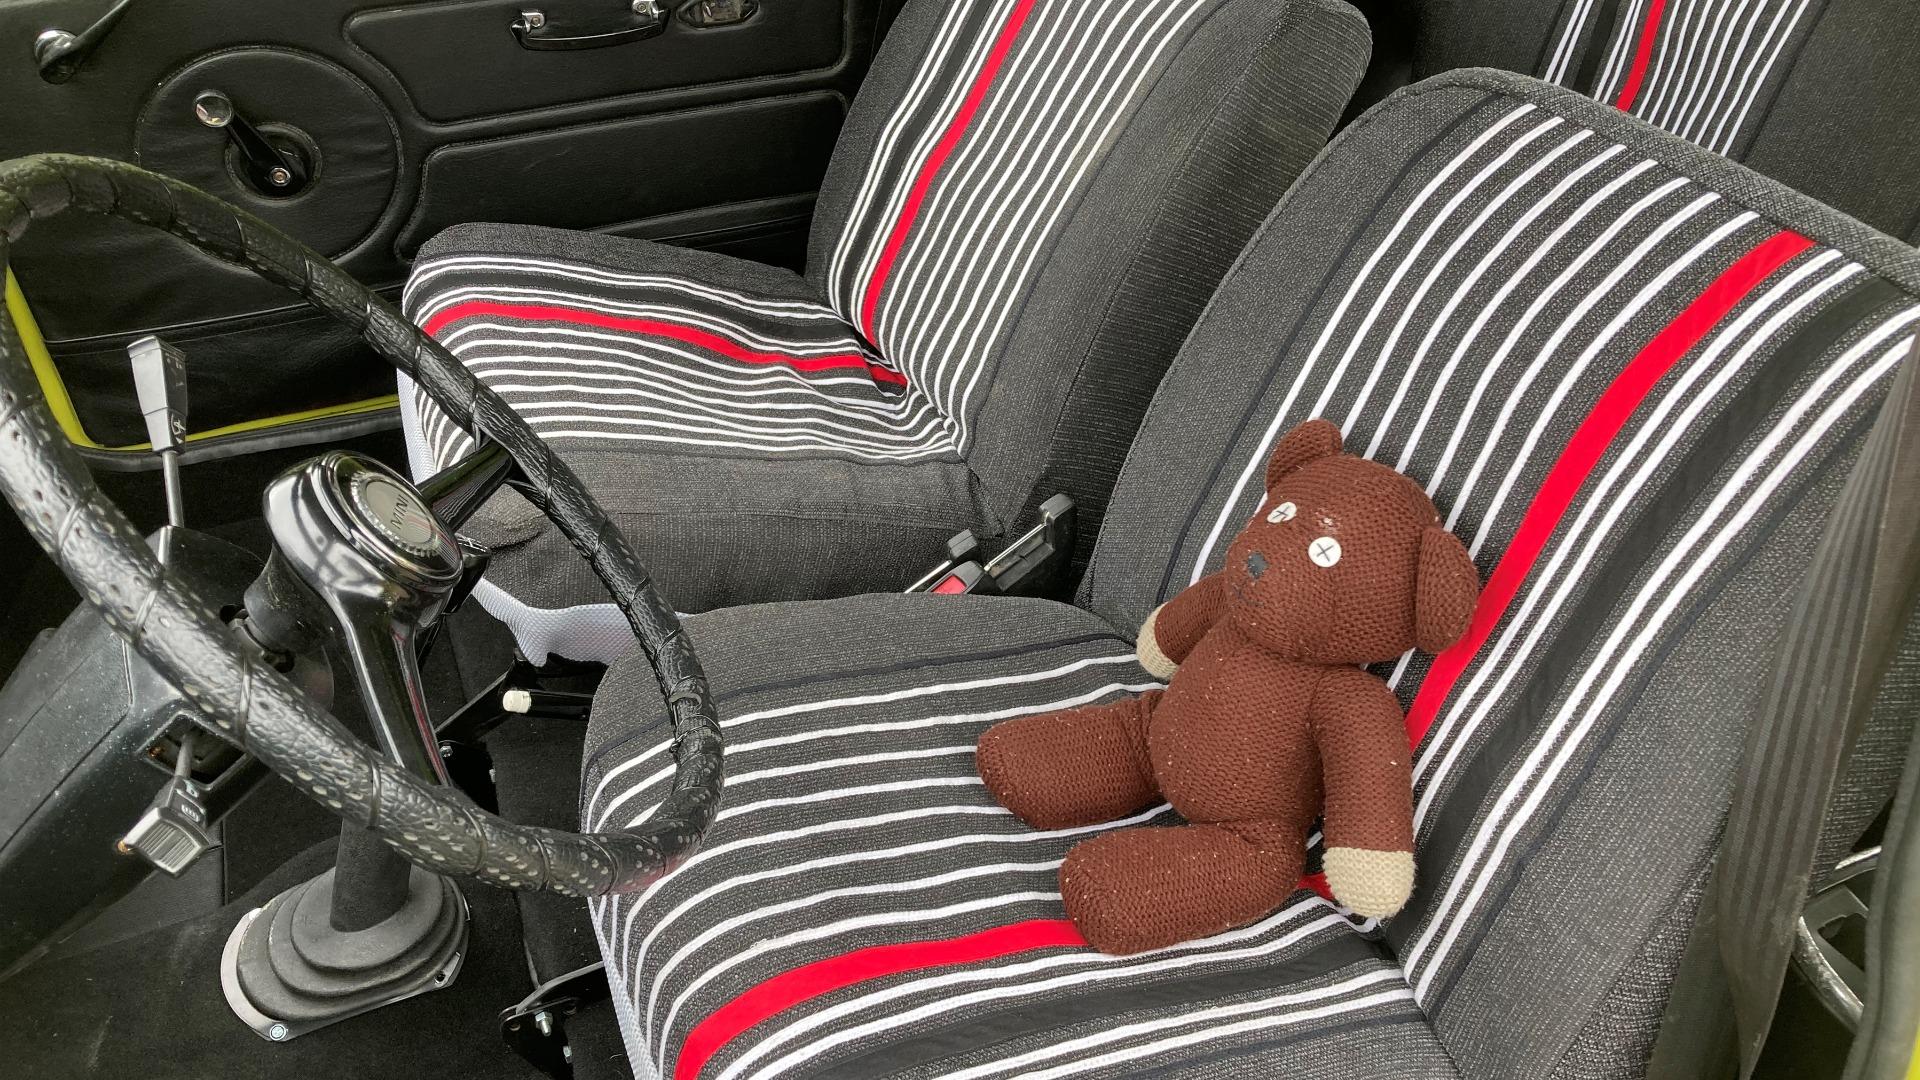 Interiøret er sydd av Andreas sin mormor, og en gjenkjennbar Teddy er også selvfølgelig på plass.